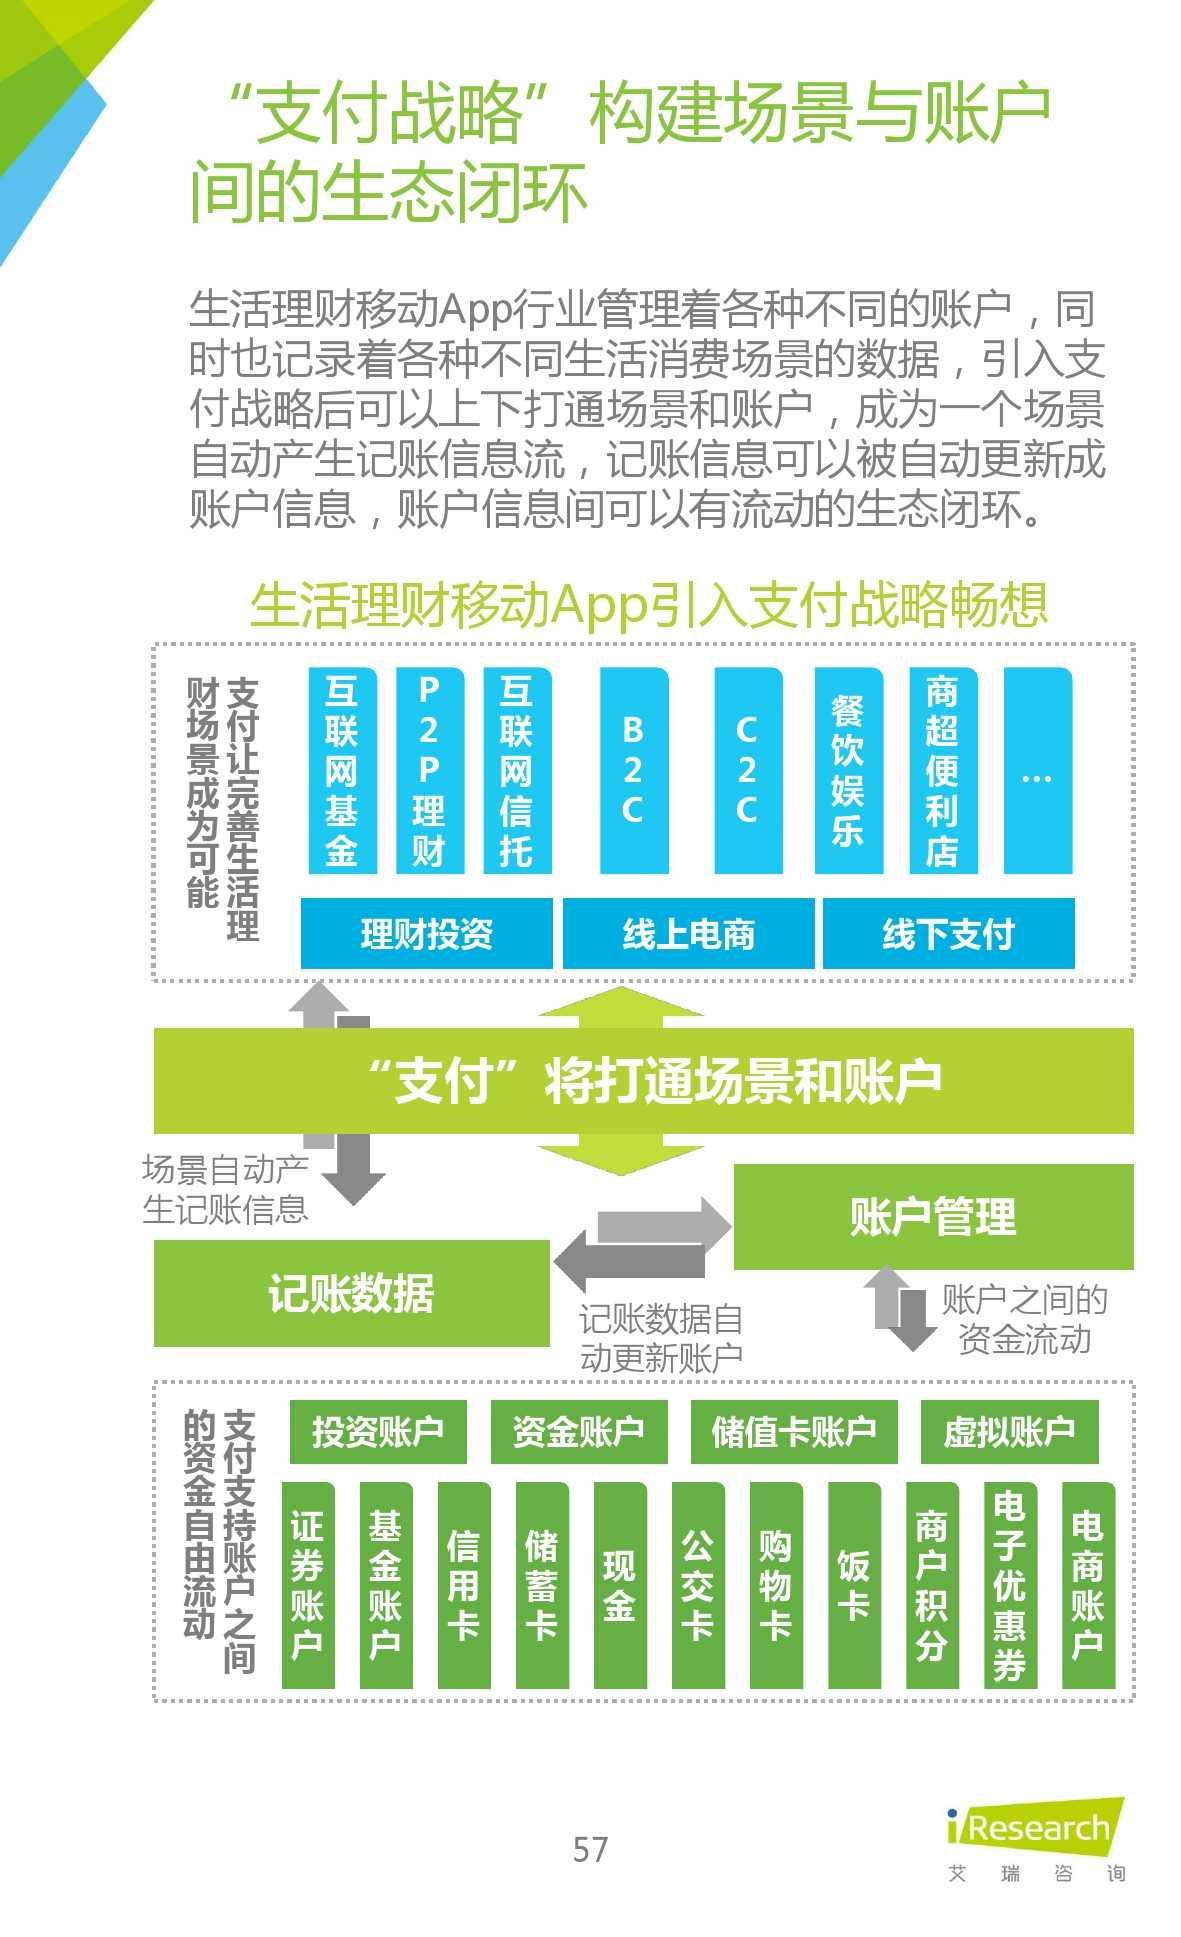 2015年中国生活理财移动App行业研究报告_000057